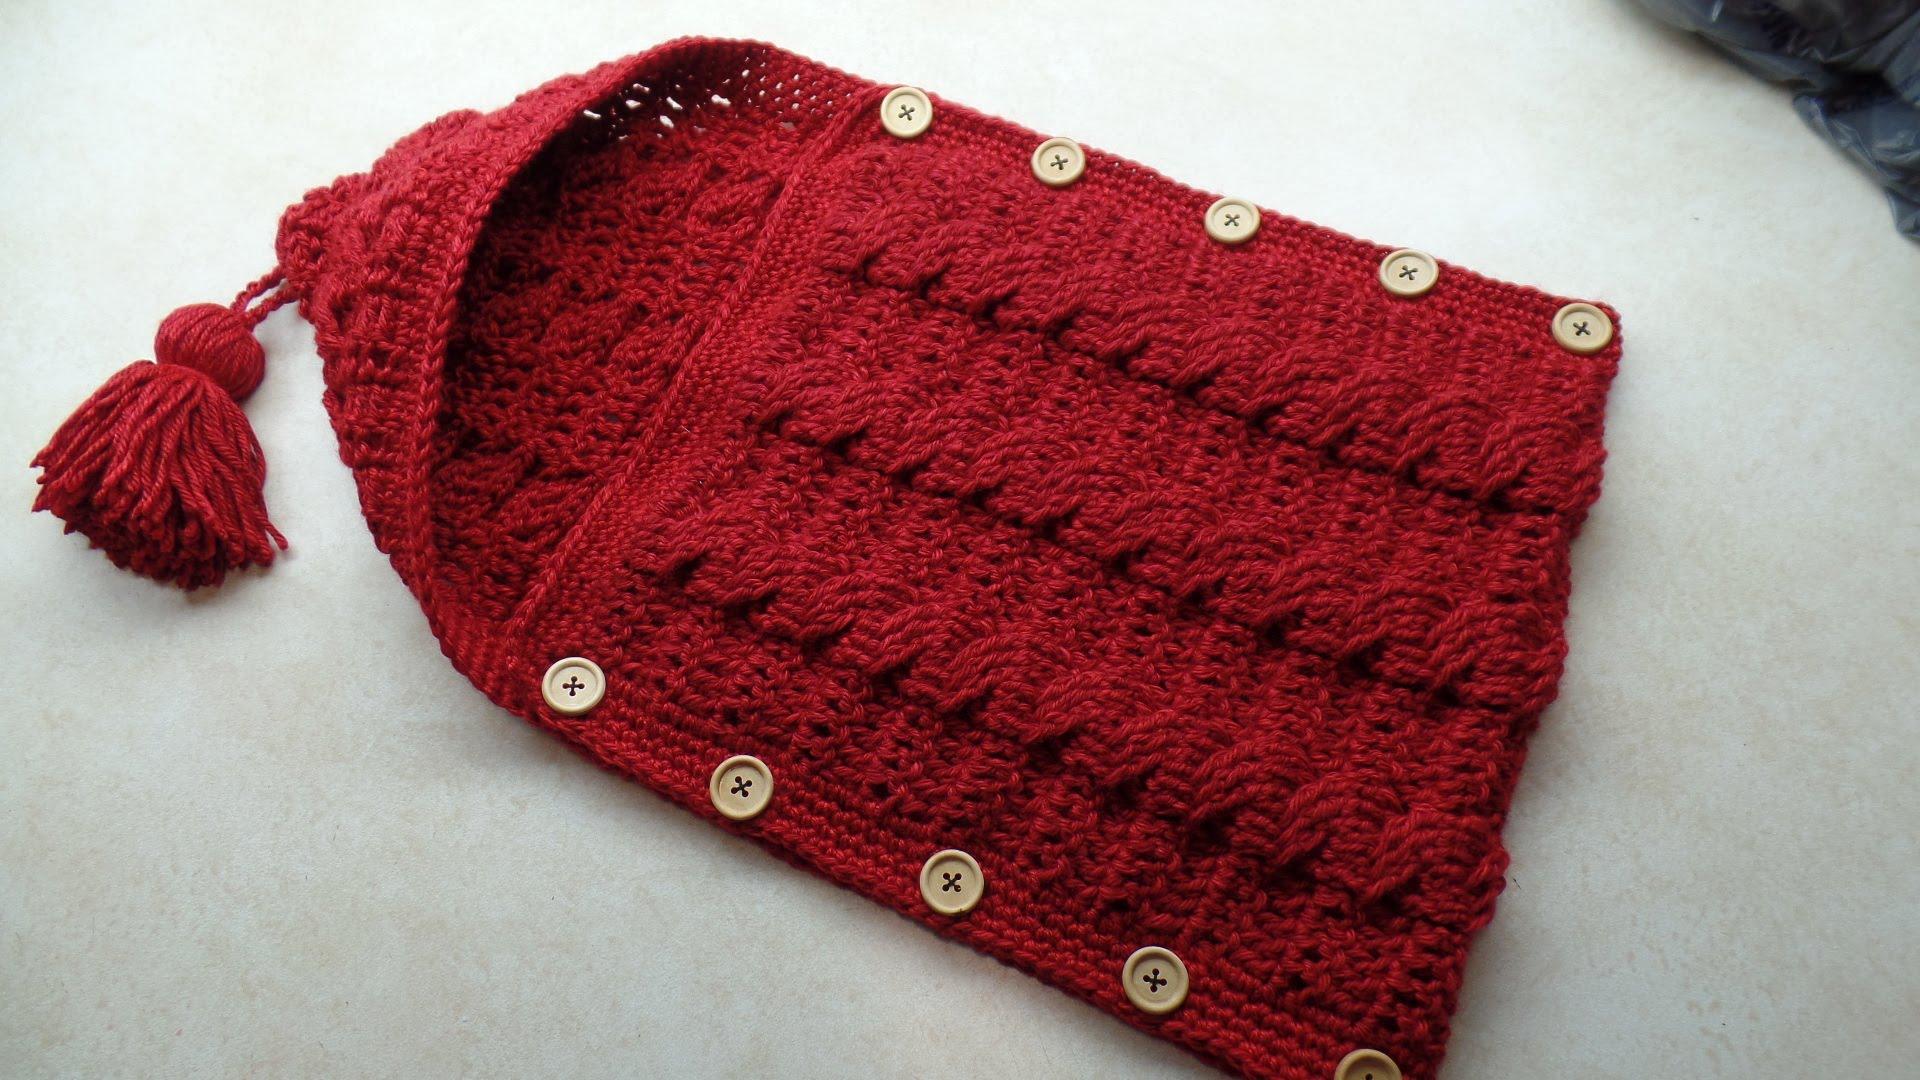 Crochet baby bunting video - Knittting Crochet - Knittting Crochet